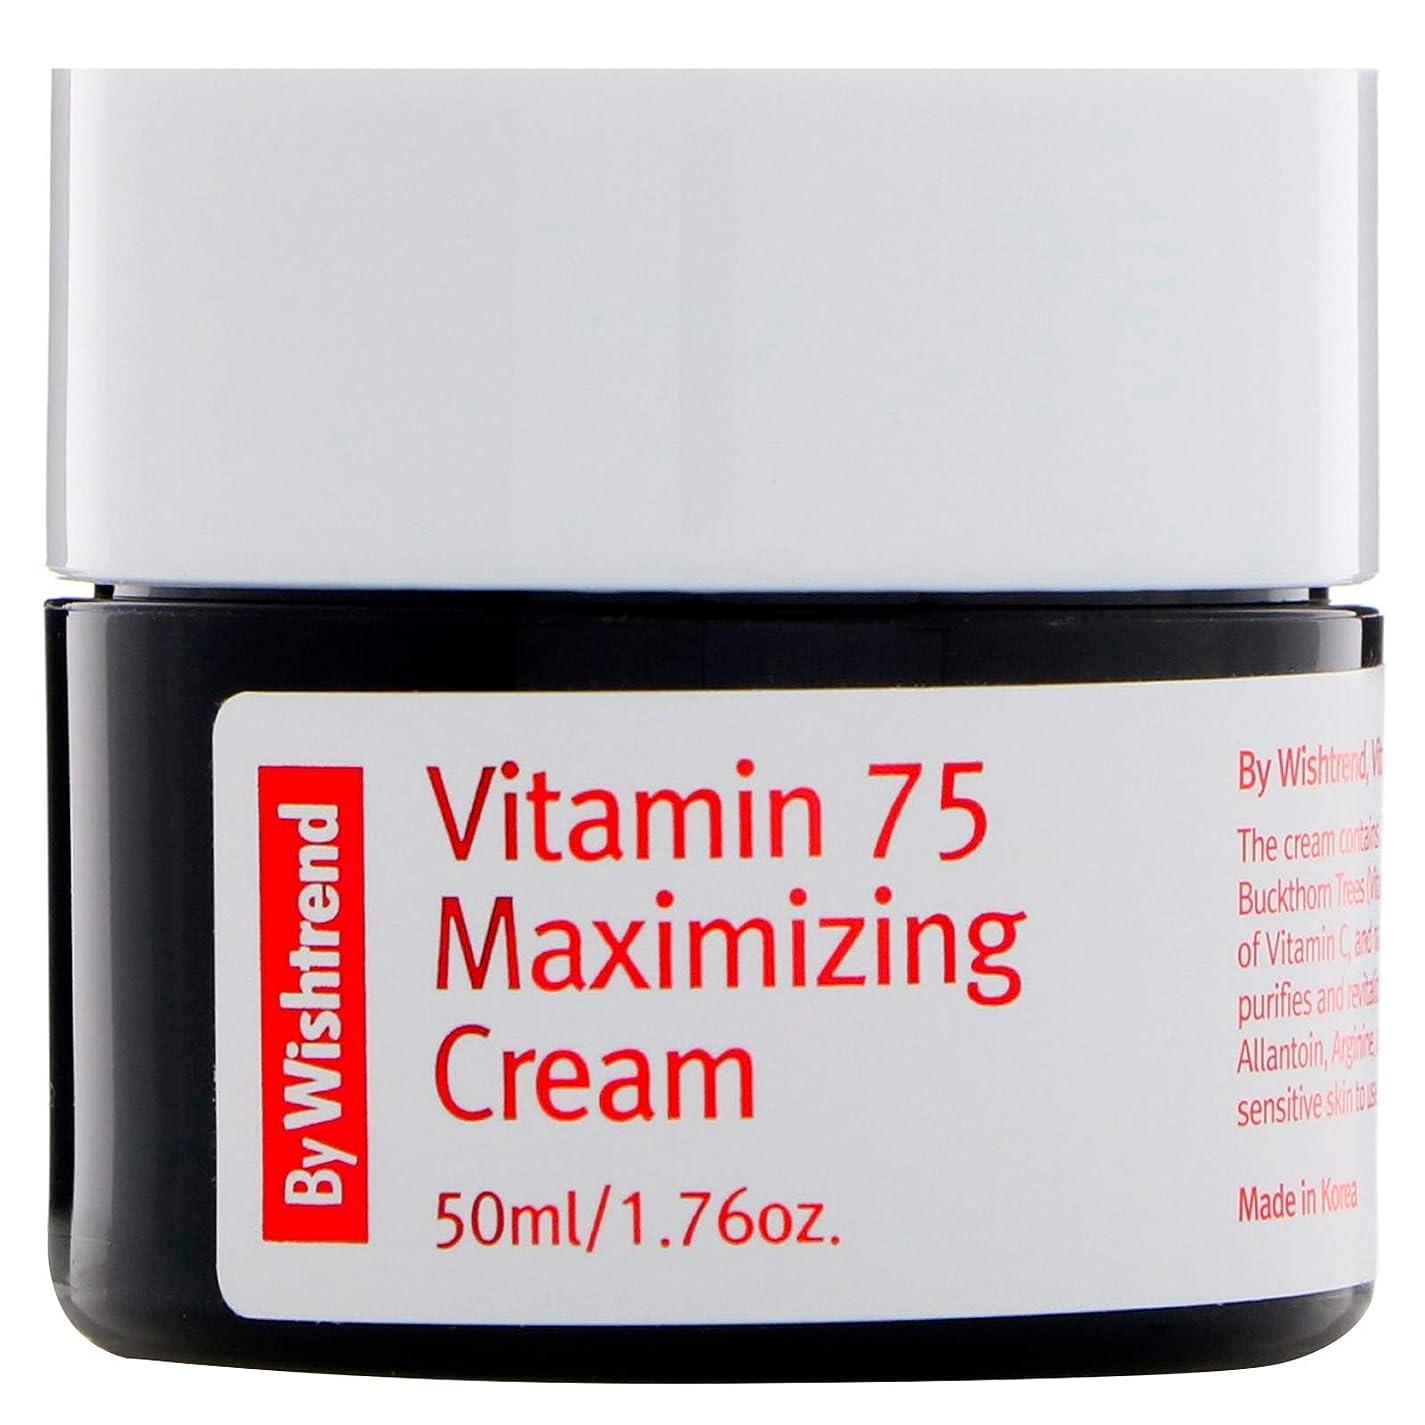 抵抗ステンレス議題[BY WISHTREND]ビタミン75 マキシマイジング クリーム, Vitamin 75 Maximizing Cream [並行輸入品]